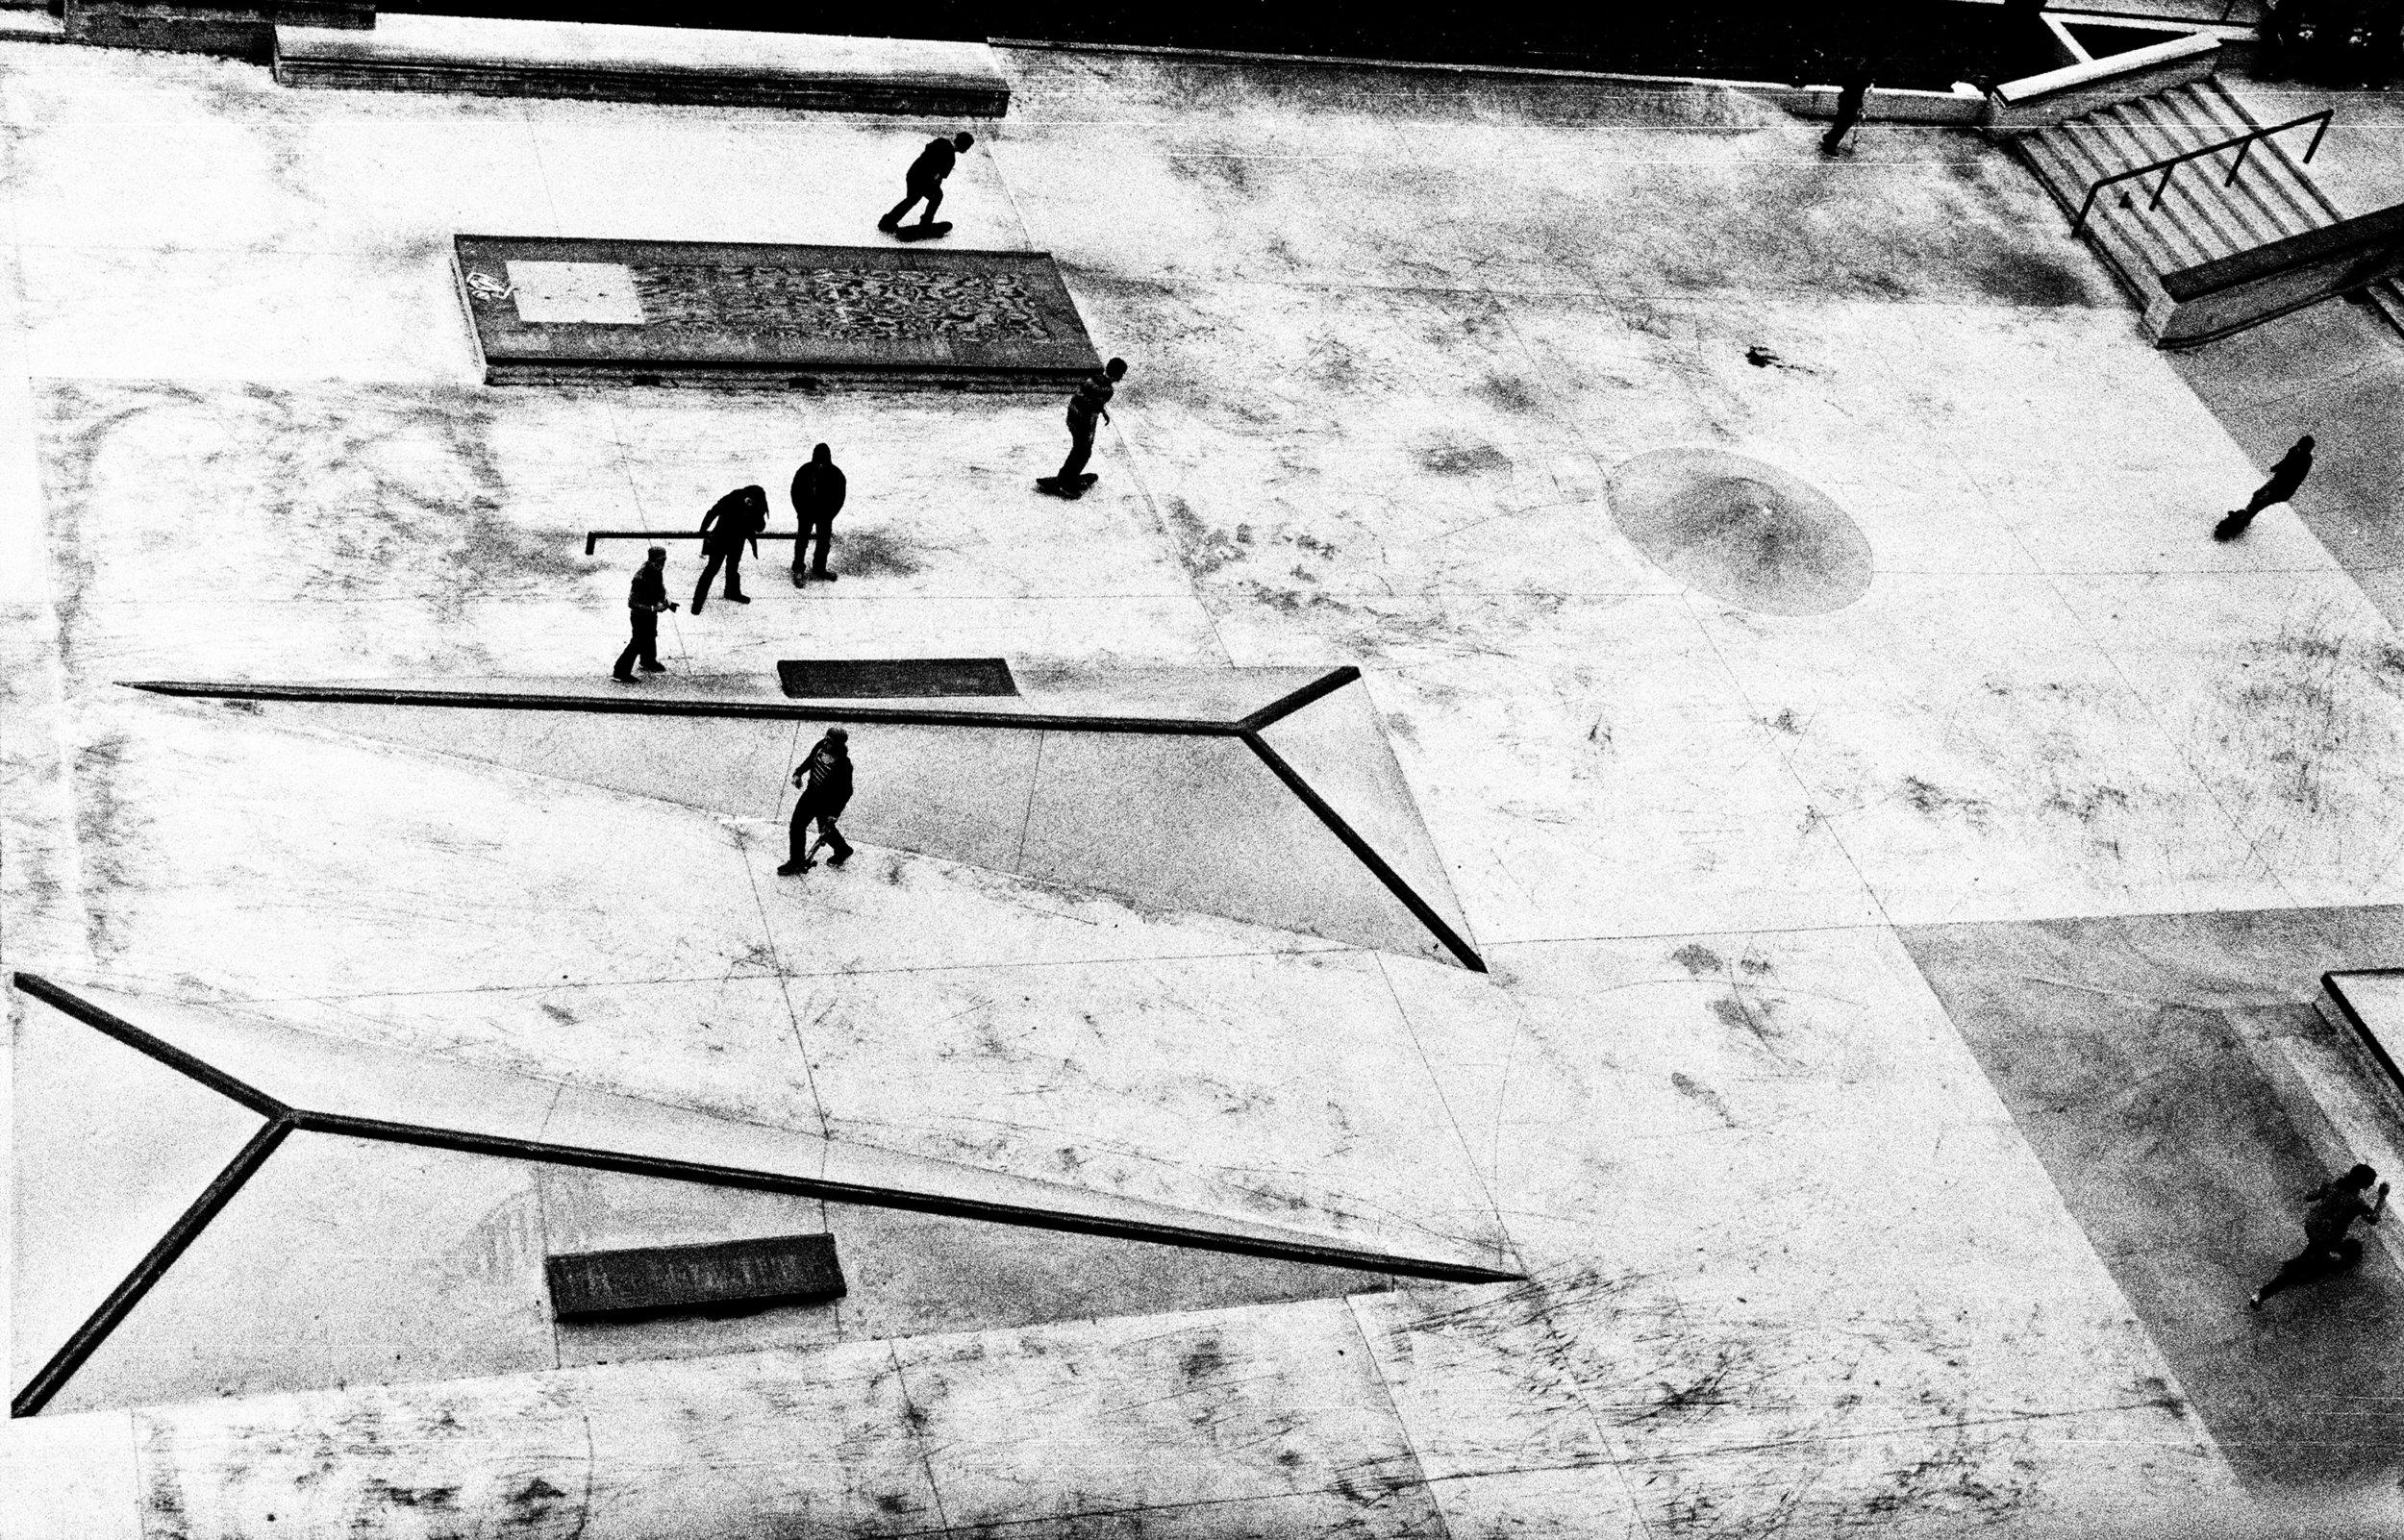 Skate Park, 2012